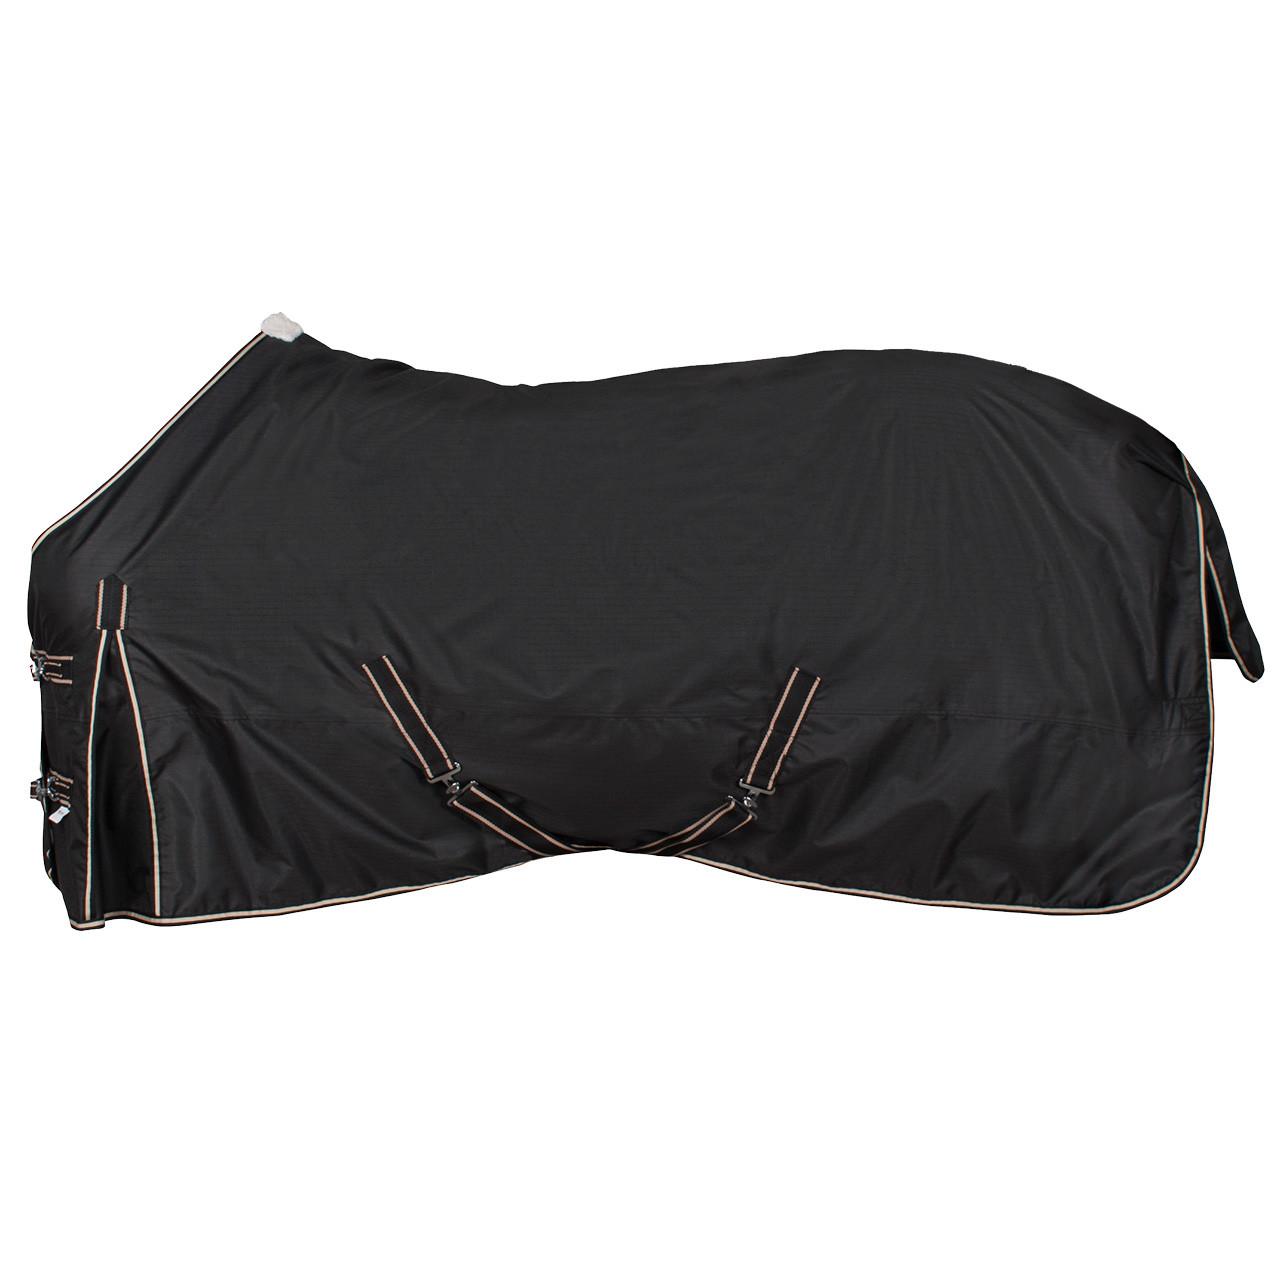 Pagony outdoordeken/fleece gevoerd zwart maat:175